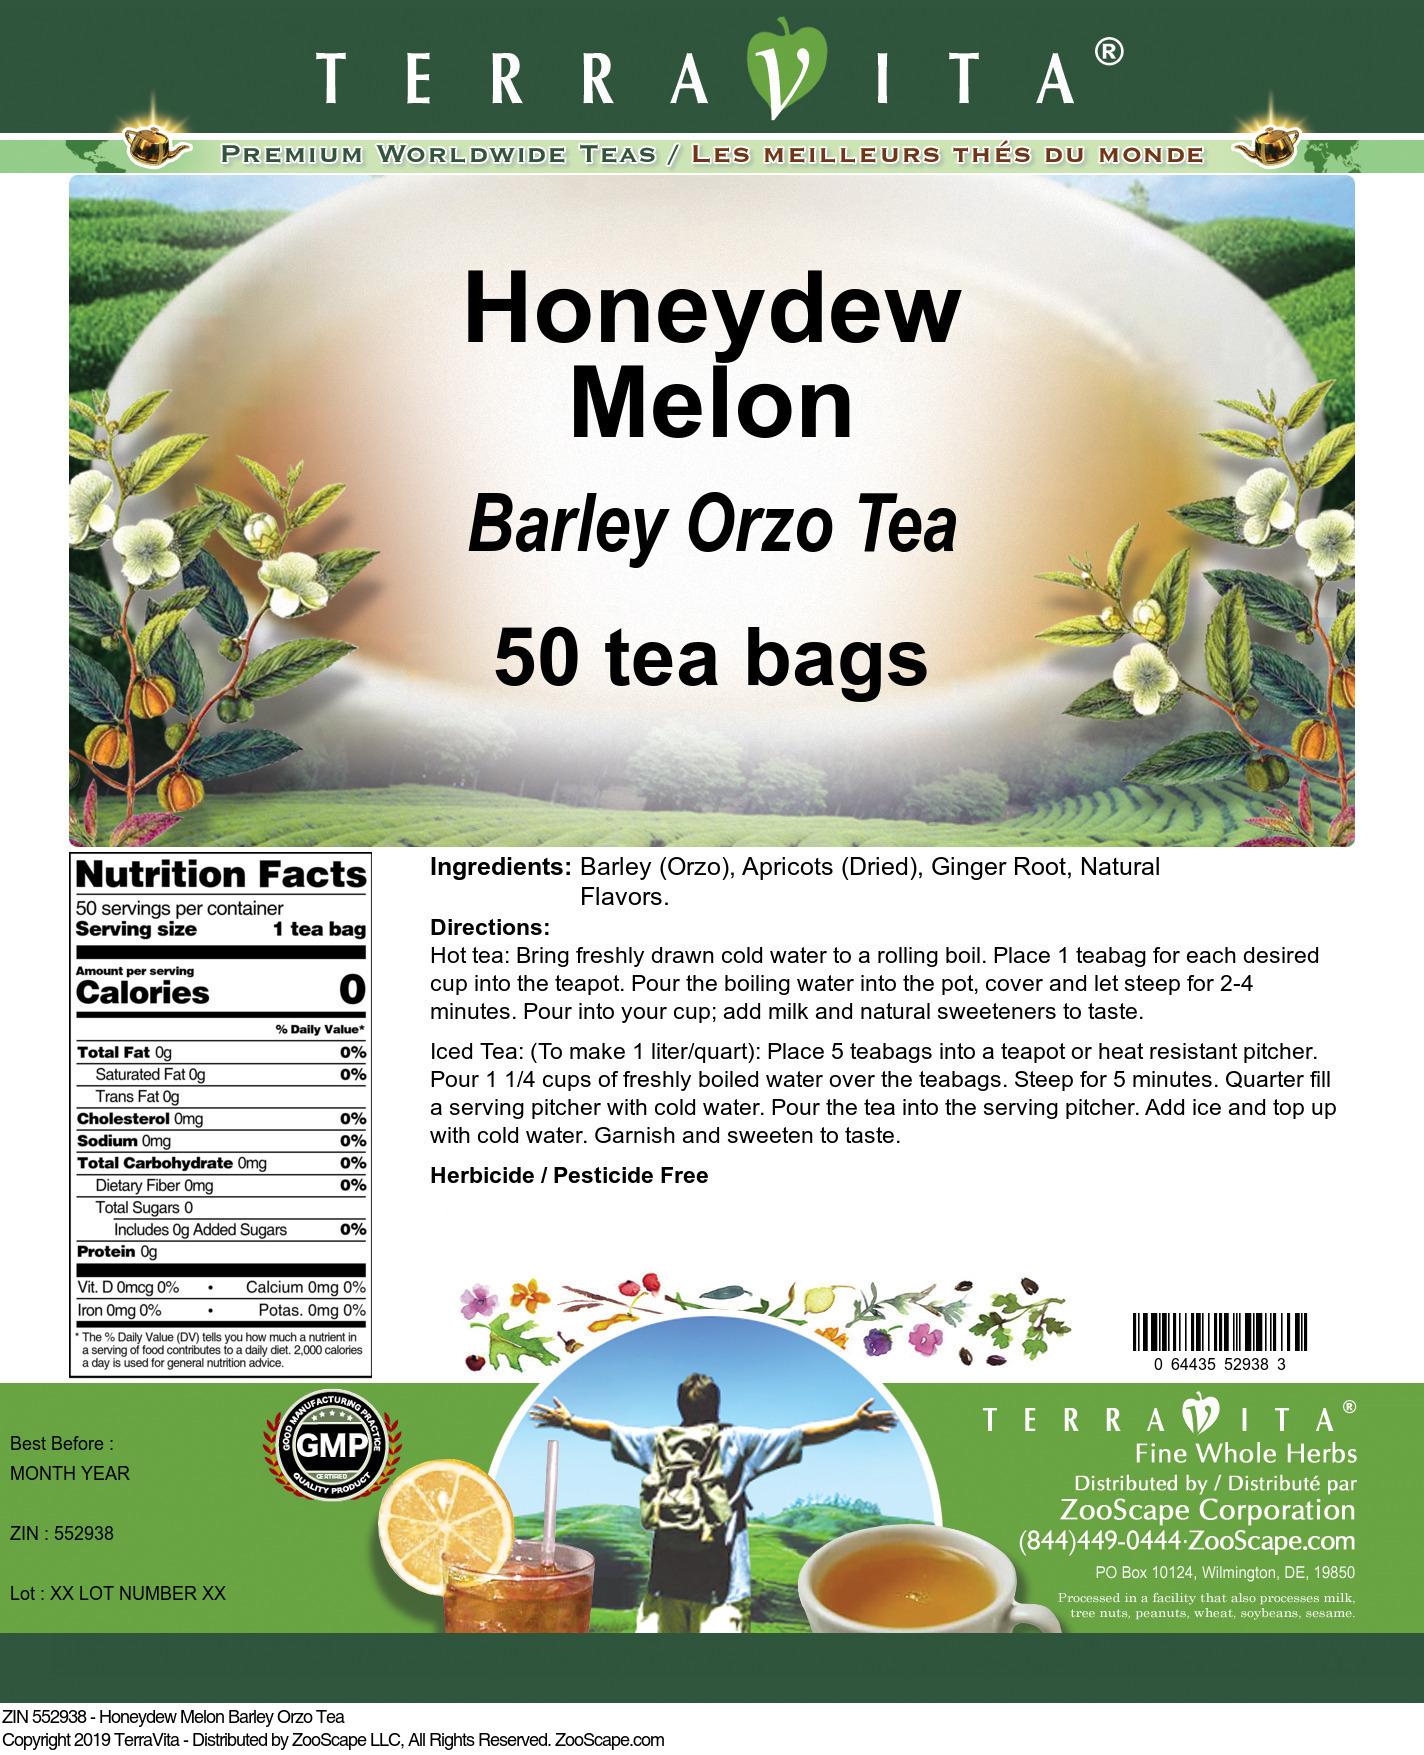 Honeydew Melon Barley Orzo Tea